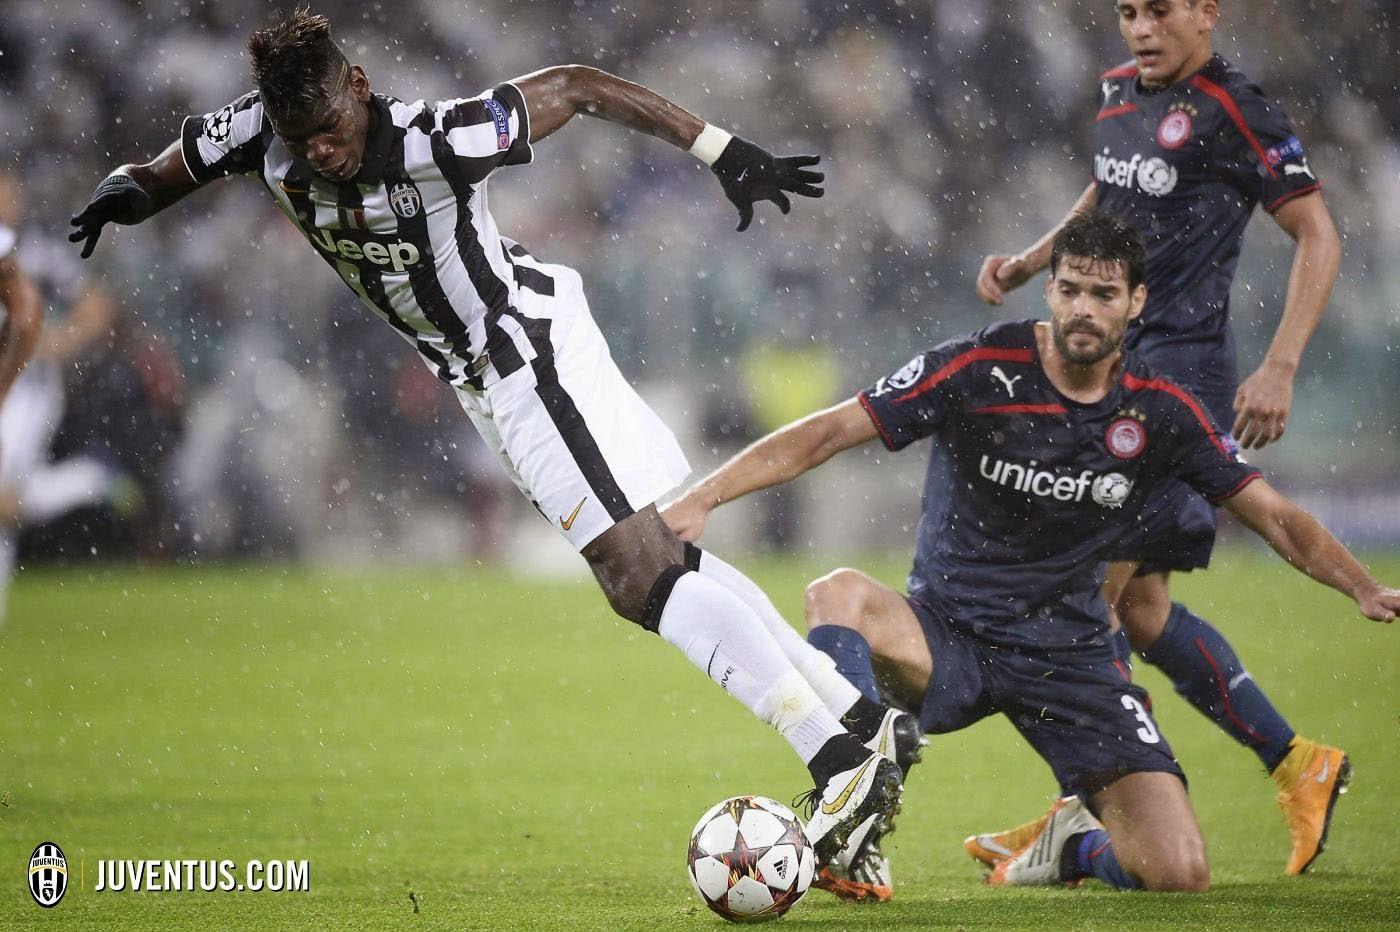 CALCIO Nervi saldi, carattere, modulo: la Juventus ha cambiato marcia